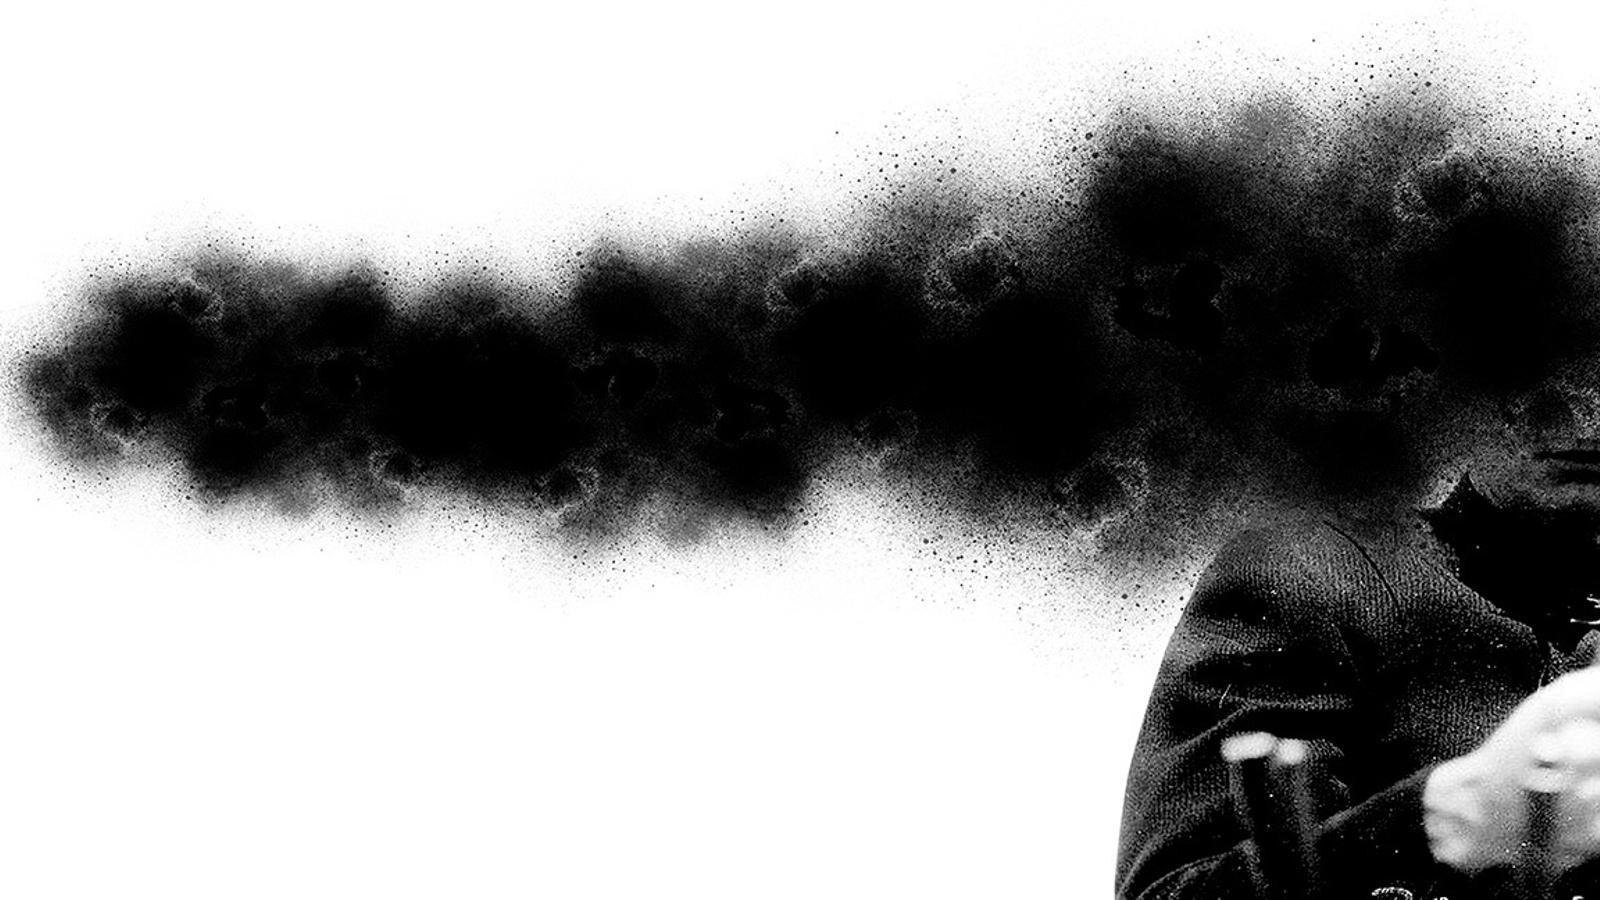 Així ens movem, així contaminem